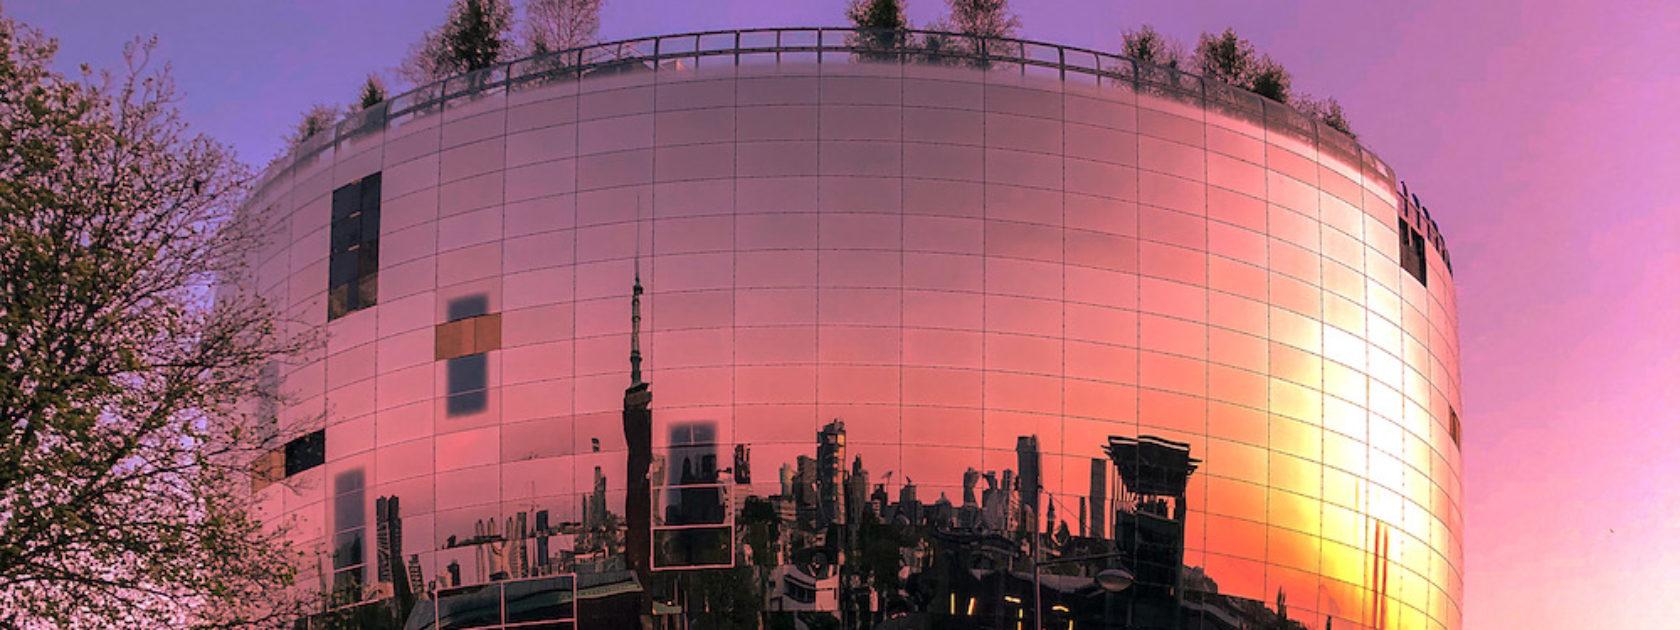 Heb je het nieuwe Depot van Boijmans van Beuningen al gezien? Momenteel is het nog in verbouwing, maar het ziet er al prachtig uit. Deze foto is gemaakt tijdens de zonsondergang.